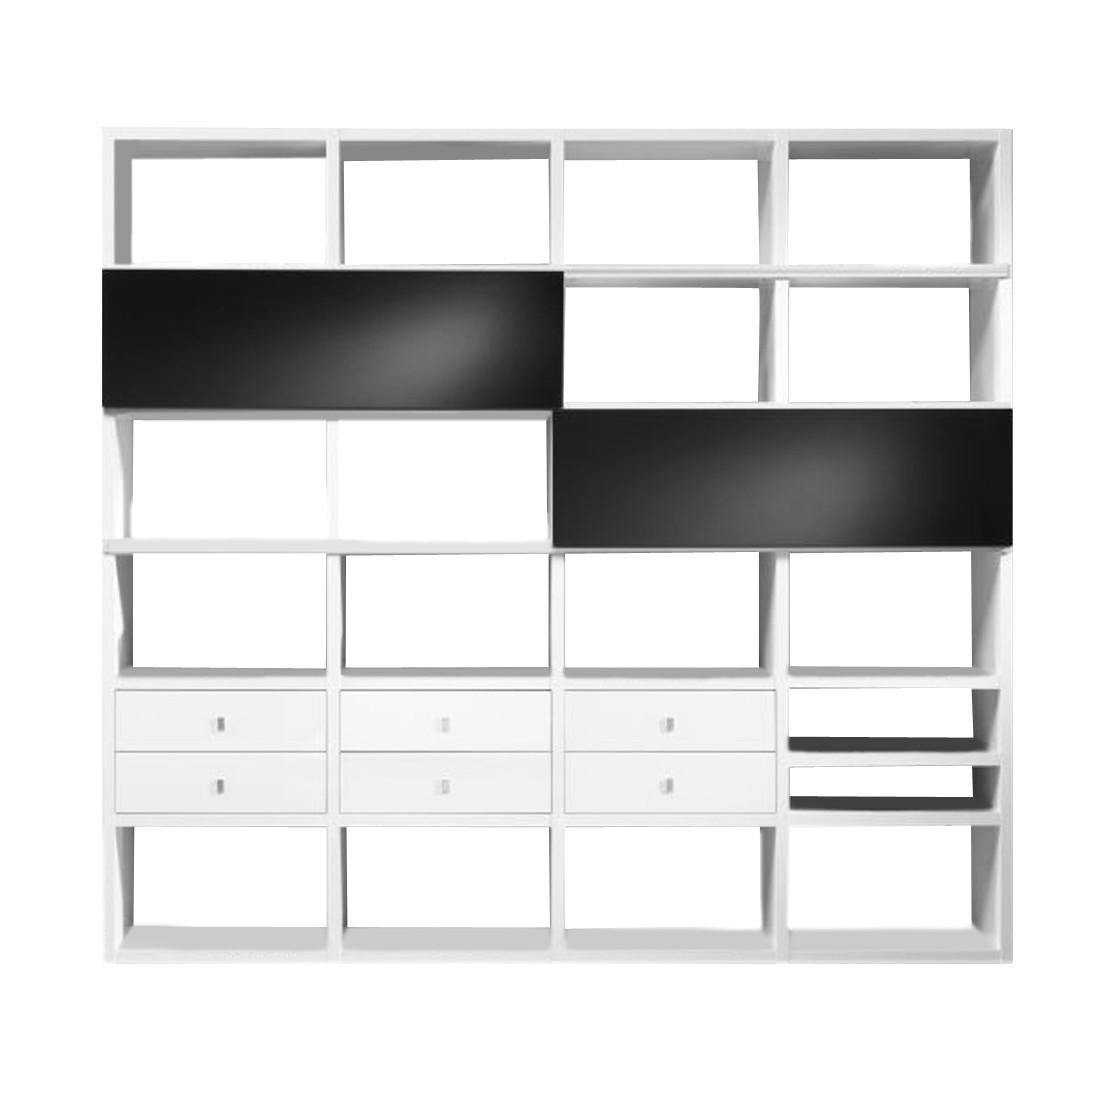 Regalwand Empire - Weiß Hochglanz/schwarz - 2 Schiebetüren/6 Schubkästen